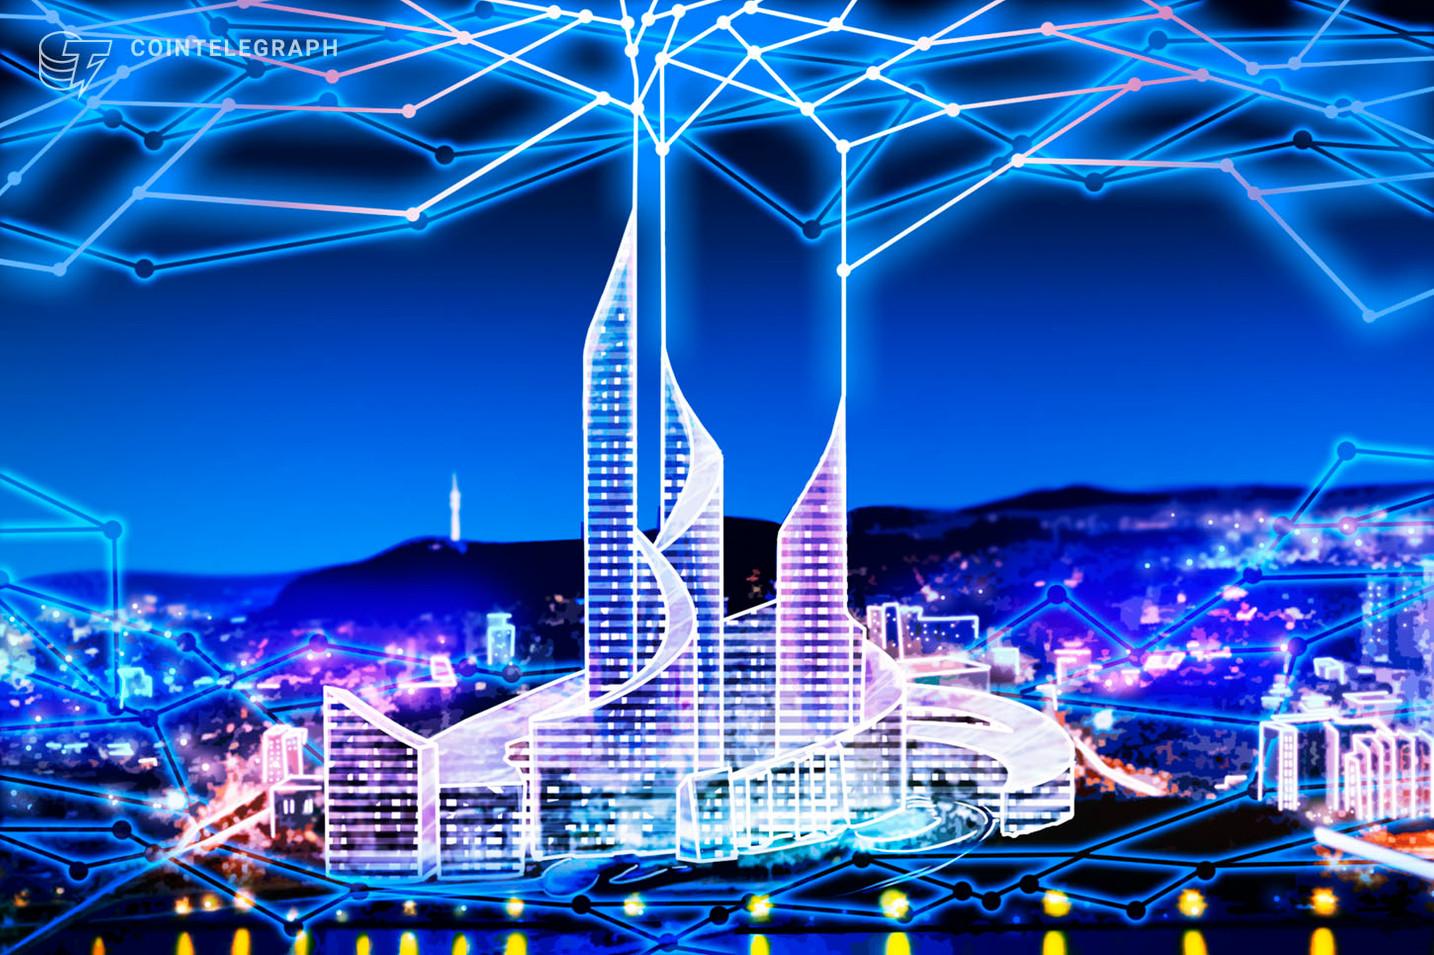 Bank of Korea избира блокчейн рамото на Kakao за цифрови тестове